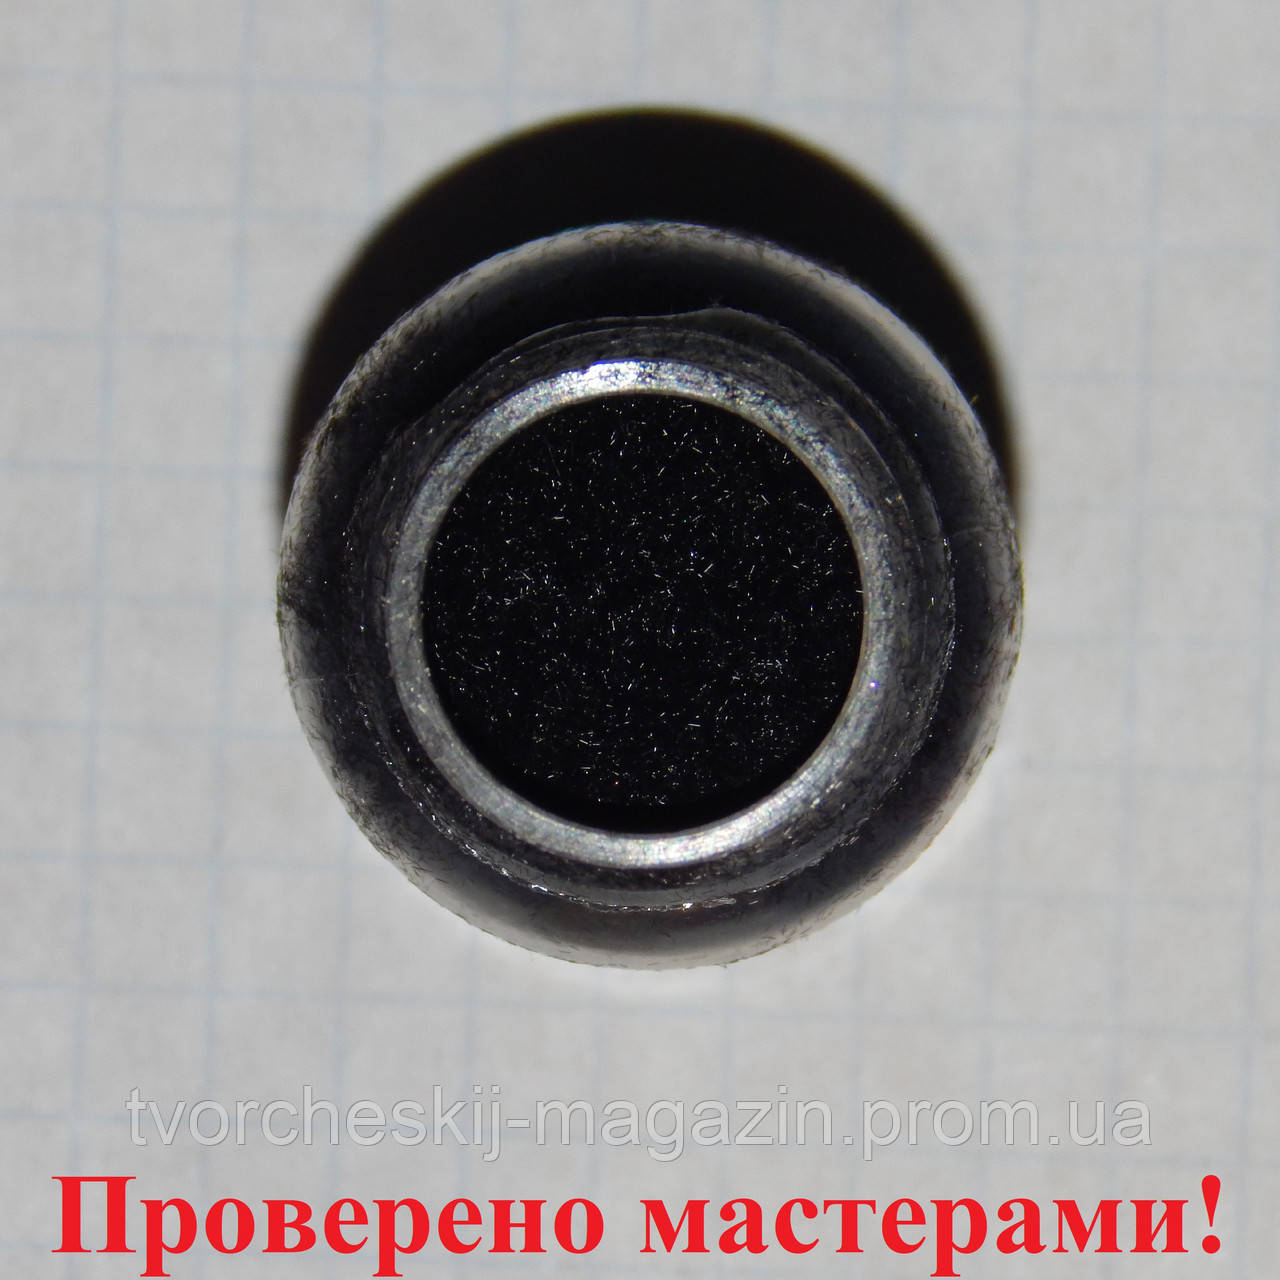 Флок черный, баночка 20 мл